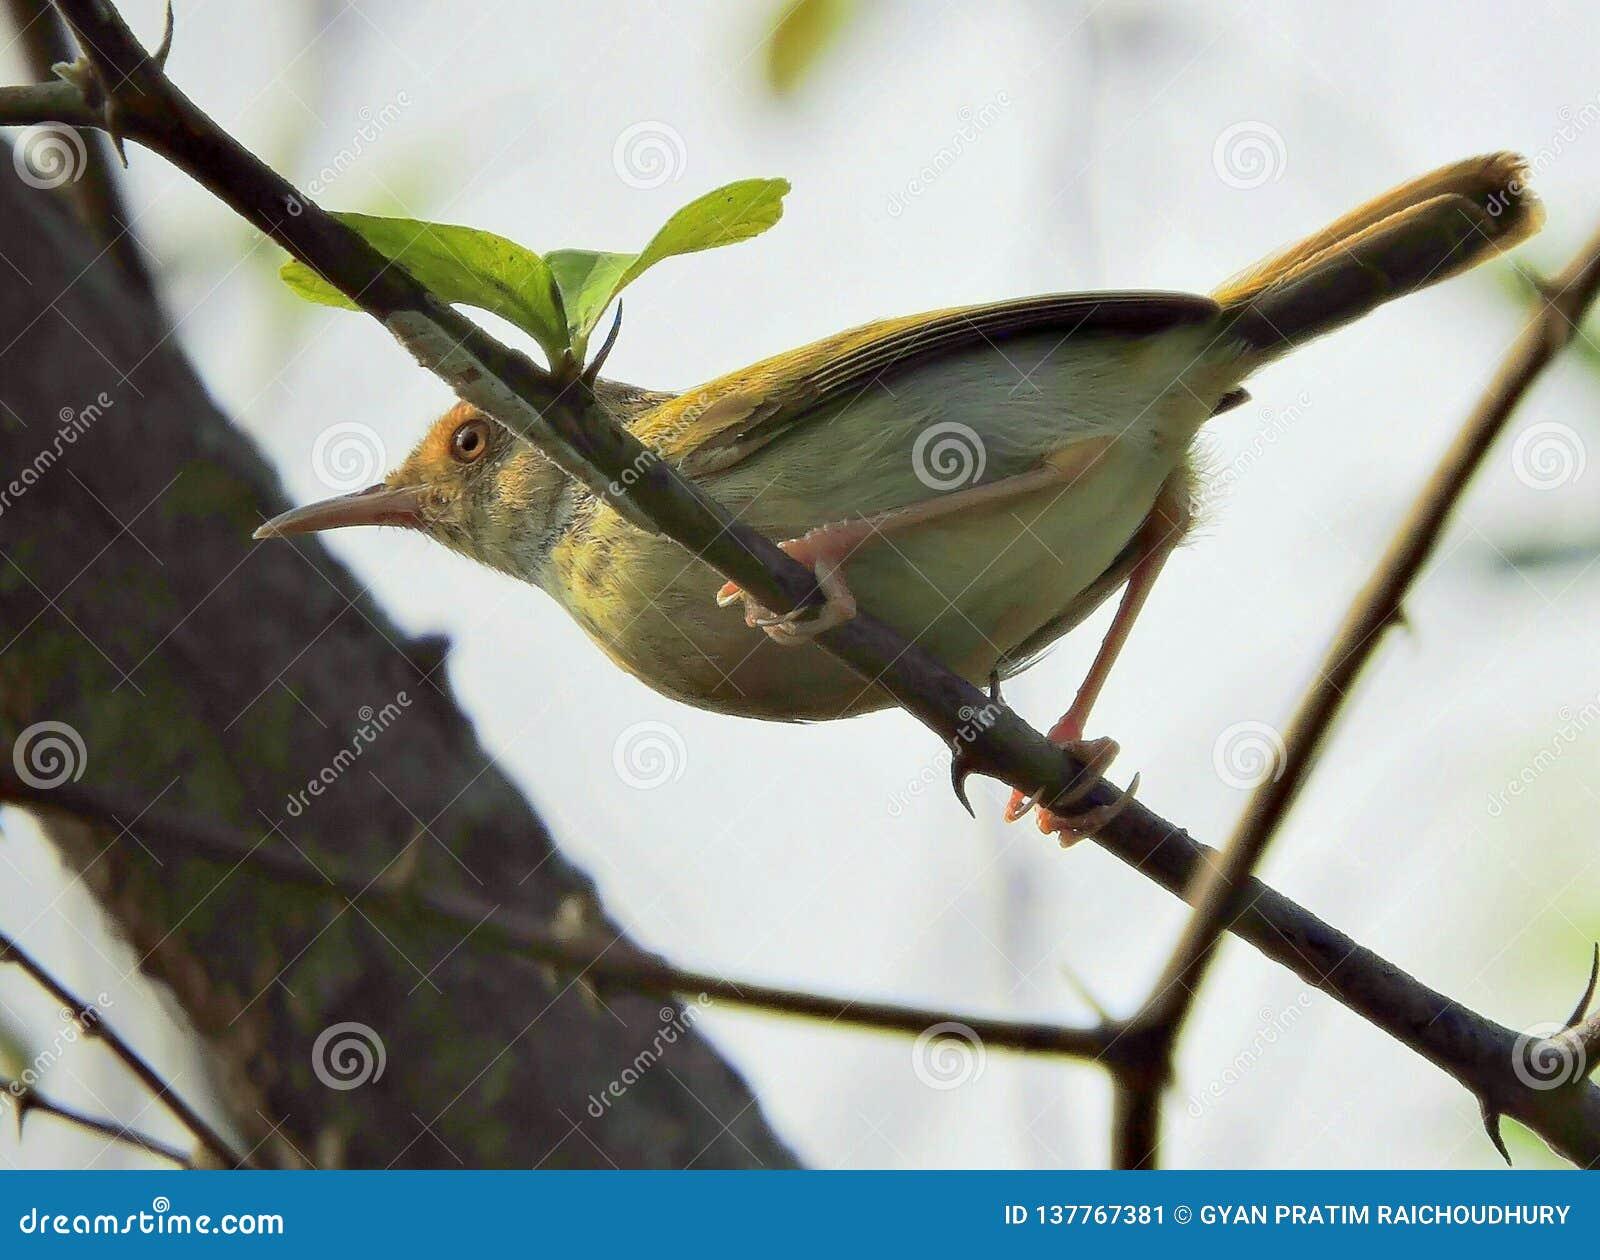 The common tailor bird.